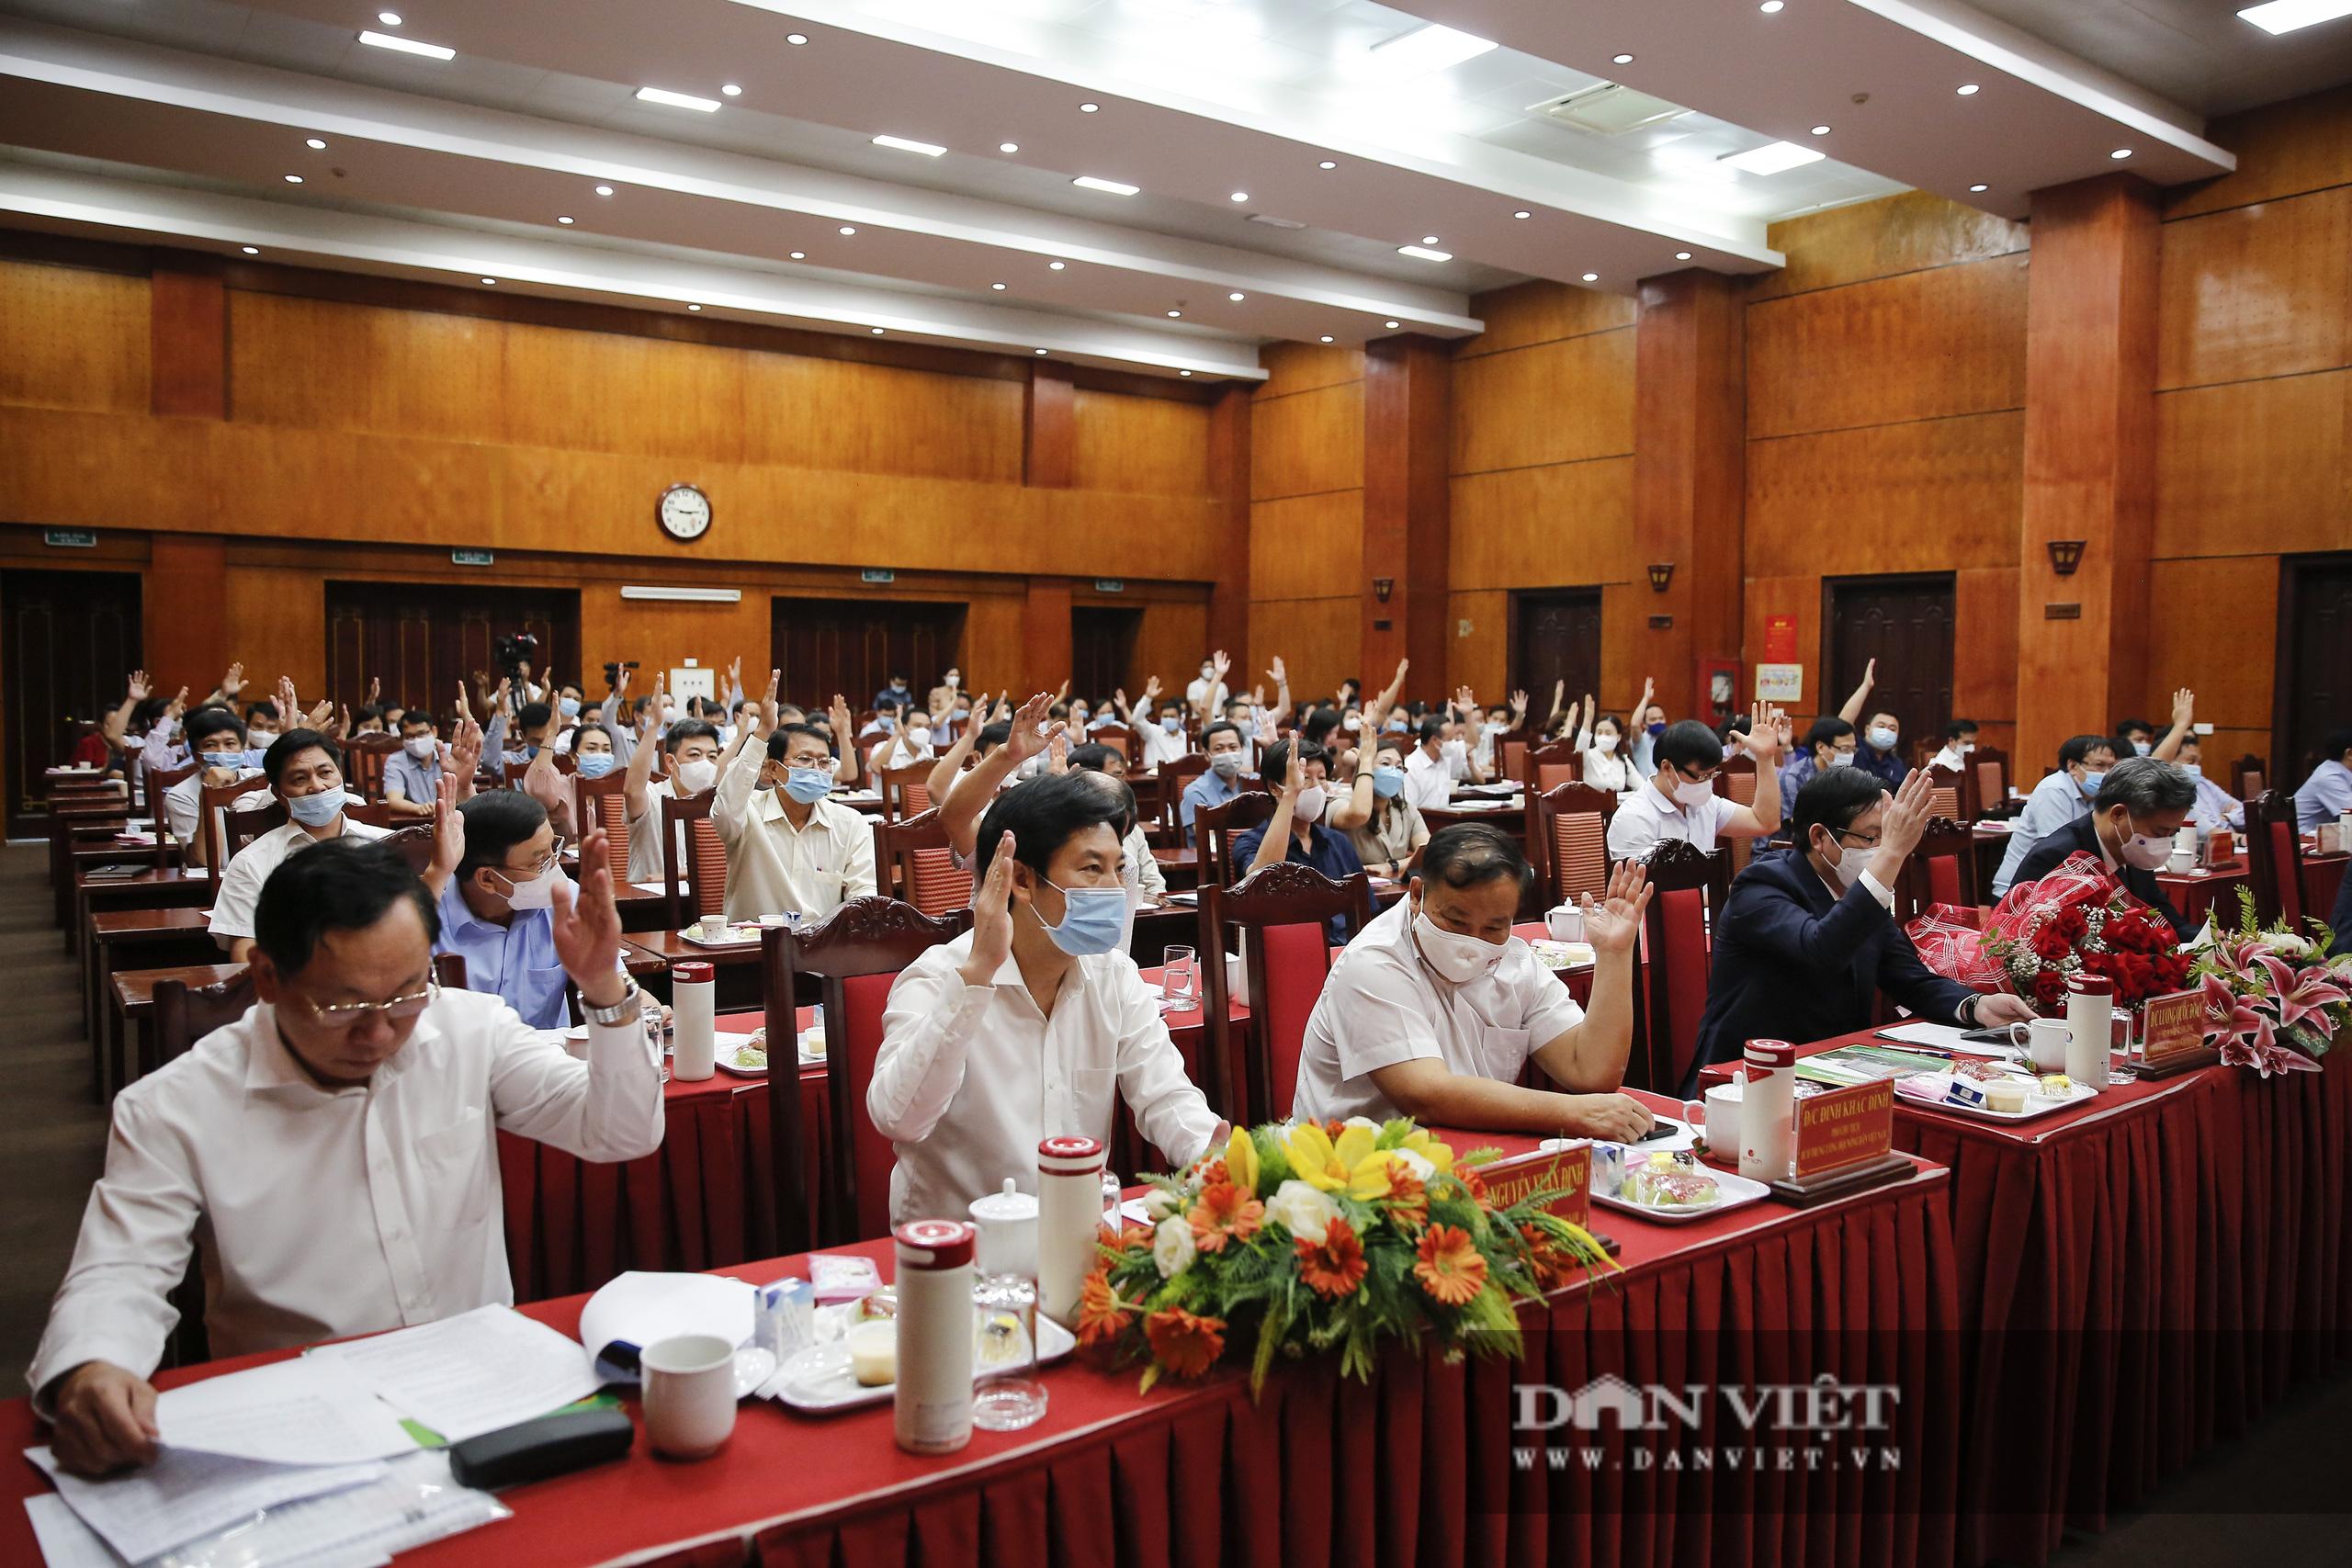 Ảnh: Hội nghị BCH TƯ Hội Nông dân Việt Nam triển khai quyết định của Bộ Chính trị về công tác cán bộ - Ảnh 8.